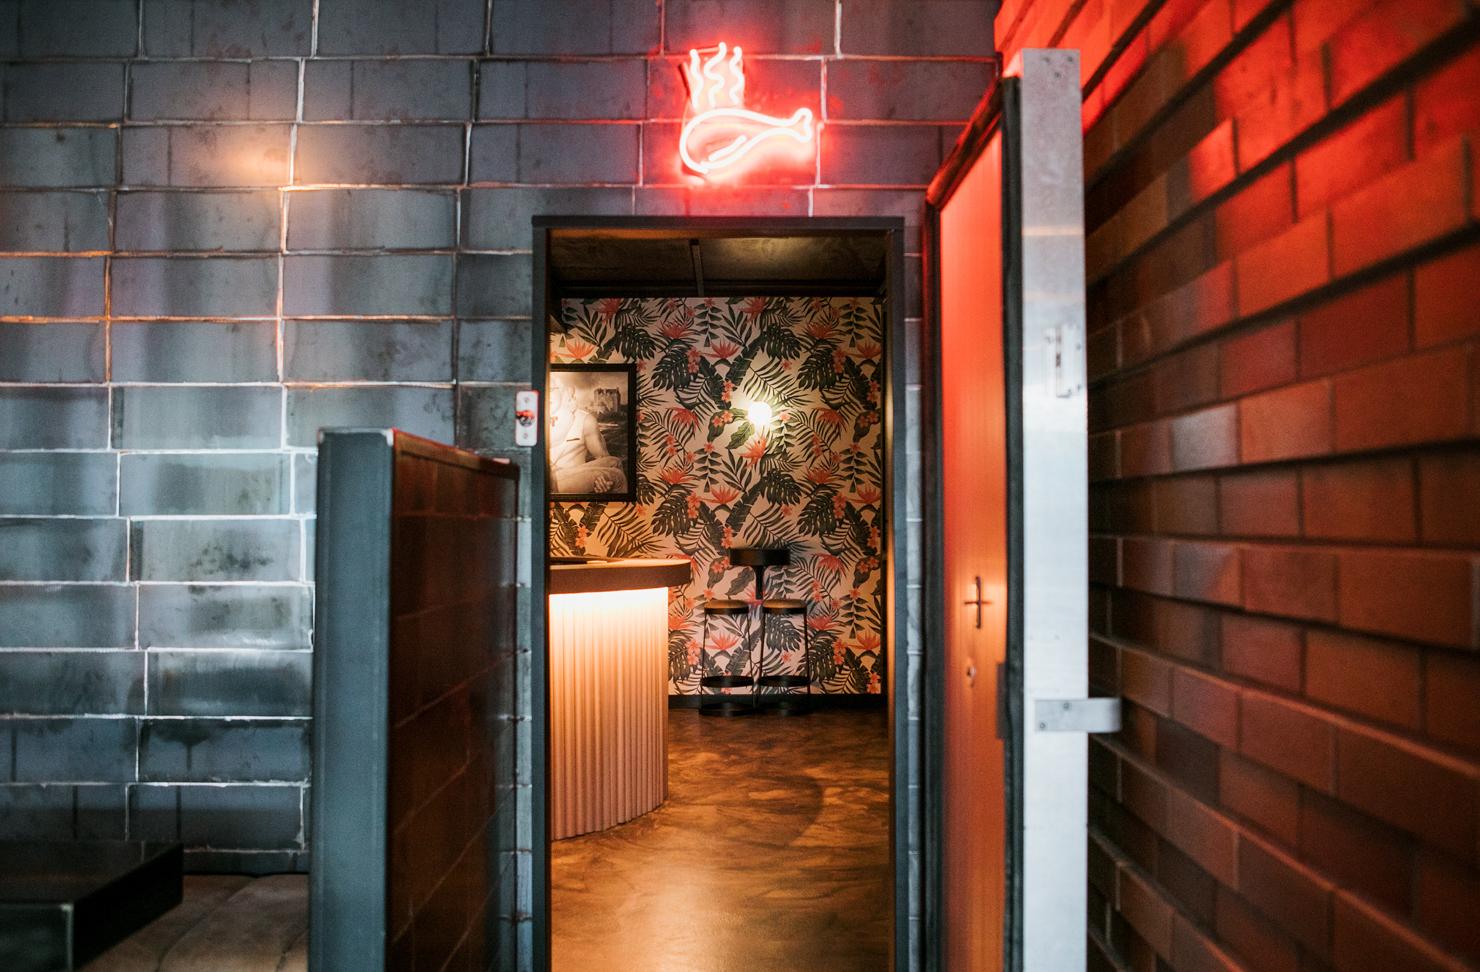 A refrigerator door leads to a hidden bar in a Noosa restaurant.